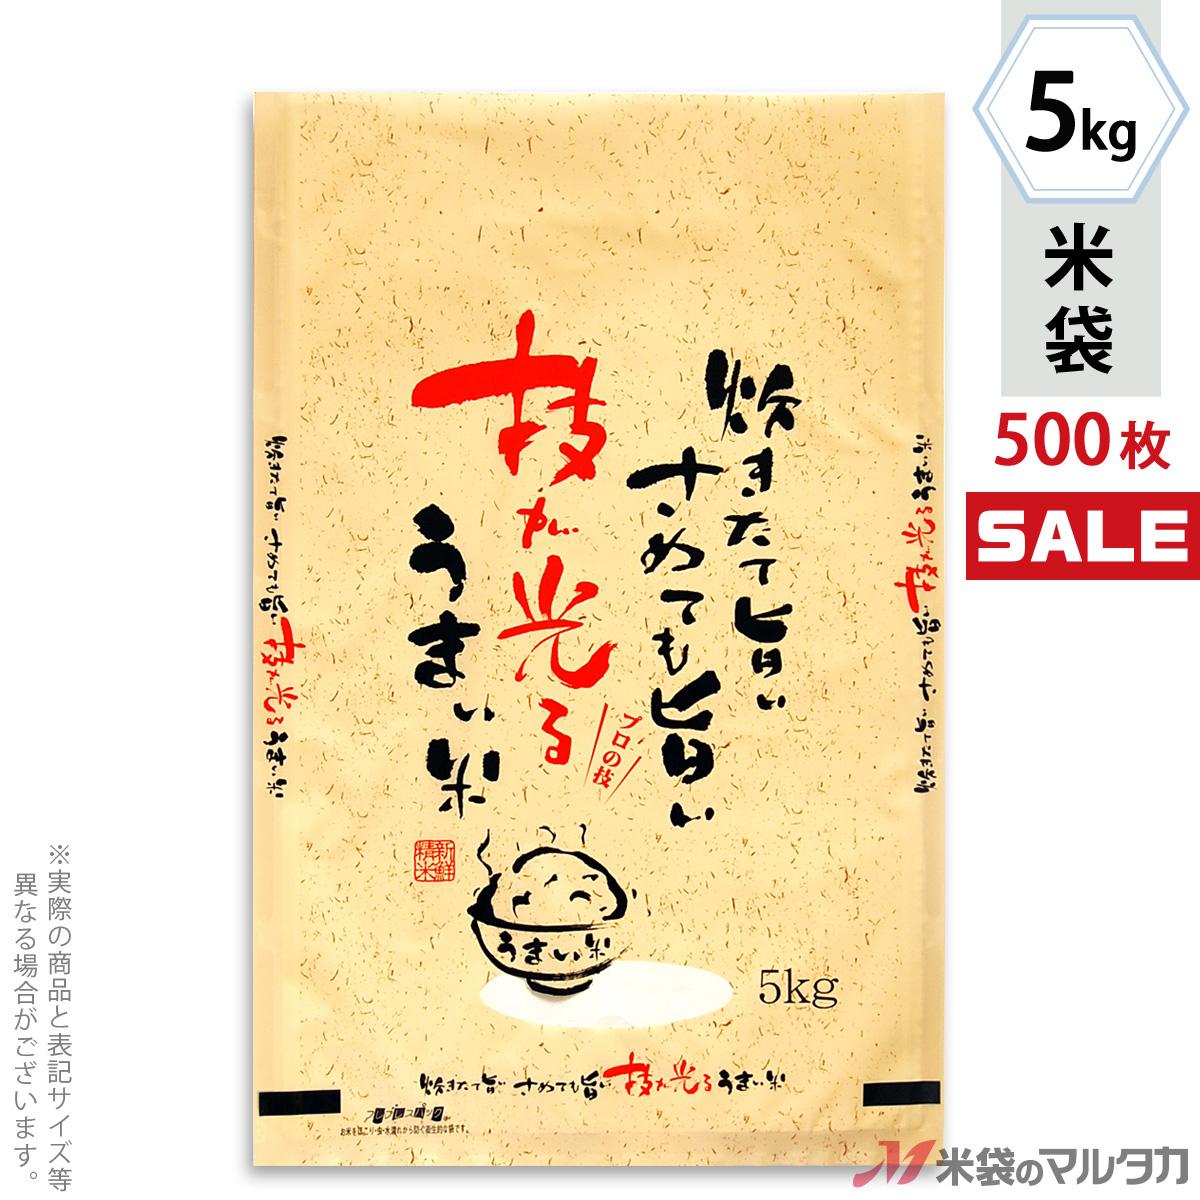 <キャンペーン対応>米袋 ラミ フレブレス うまい米 5kg 1ケース(500枚入) MN-9430